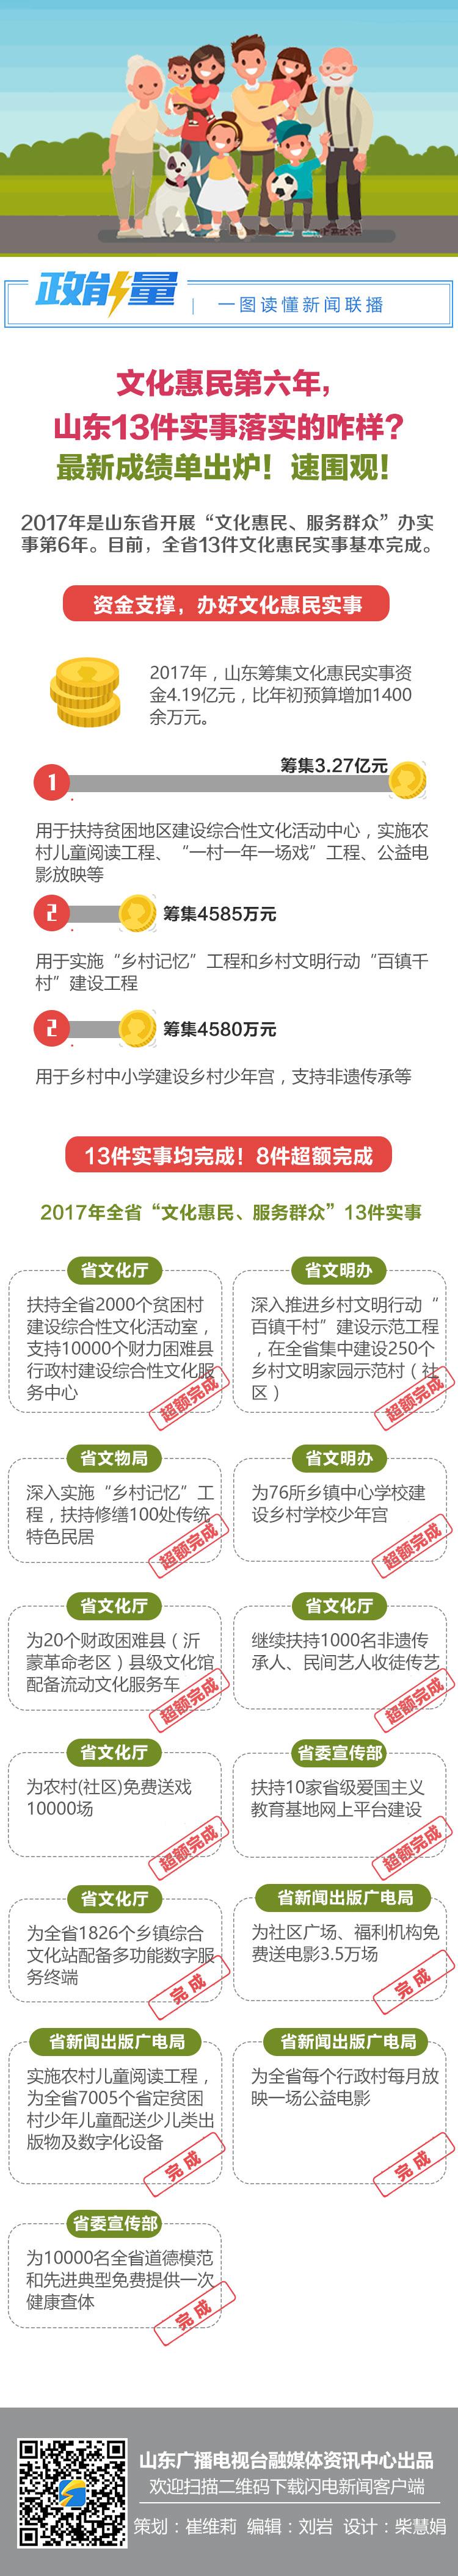 1228惠民实事.jpg